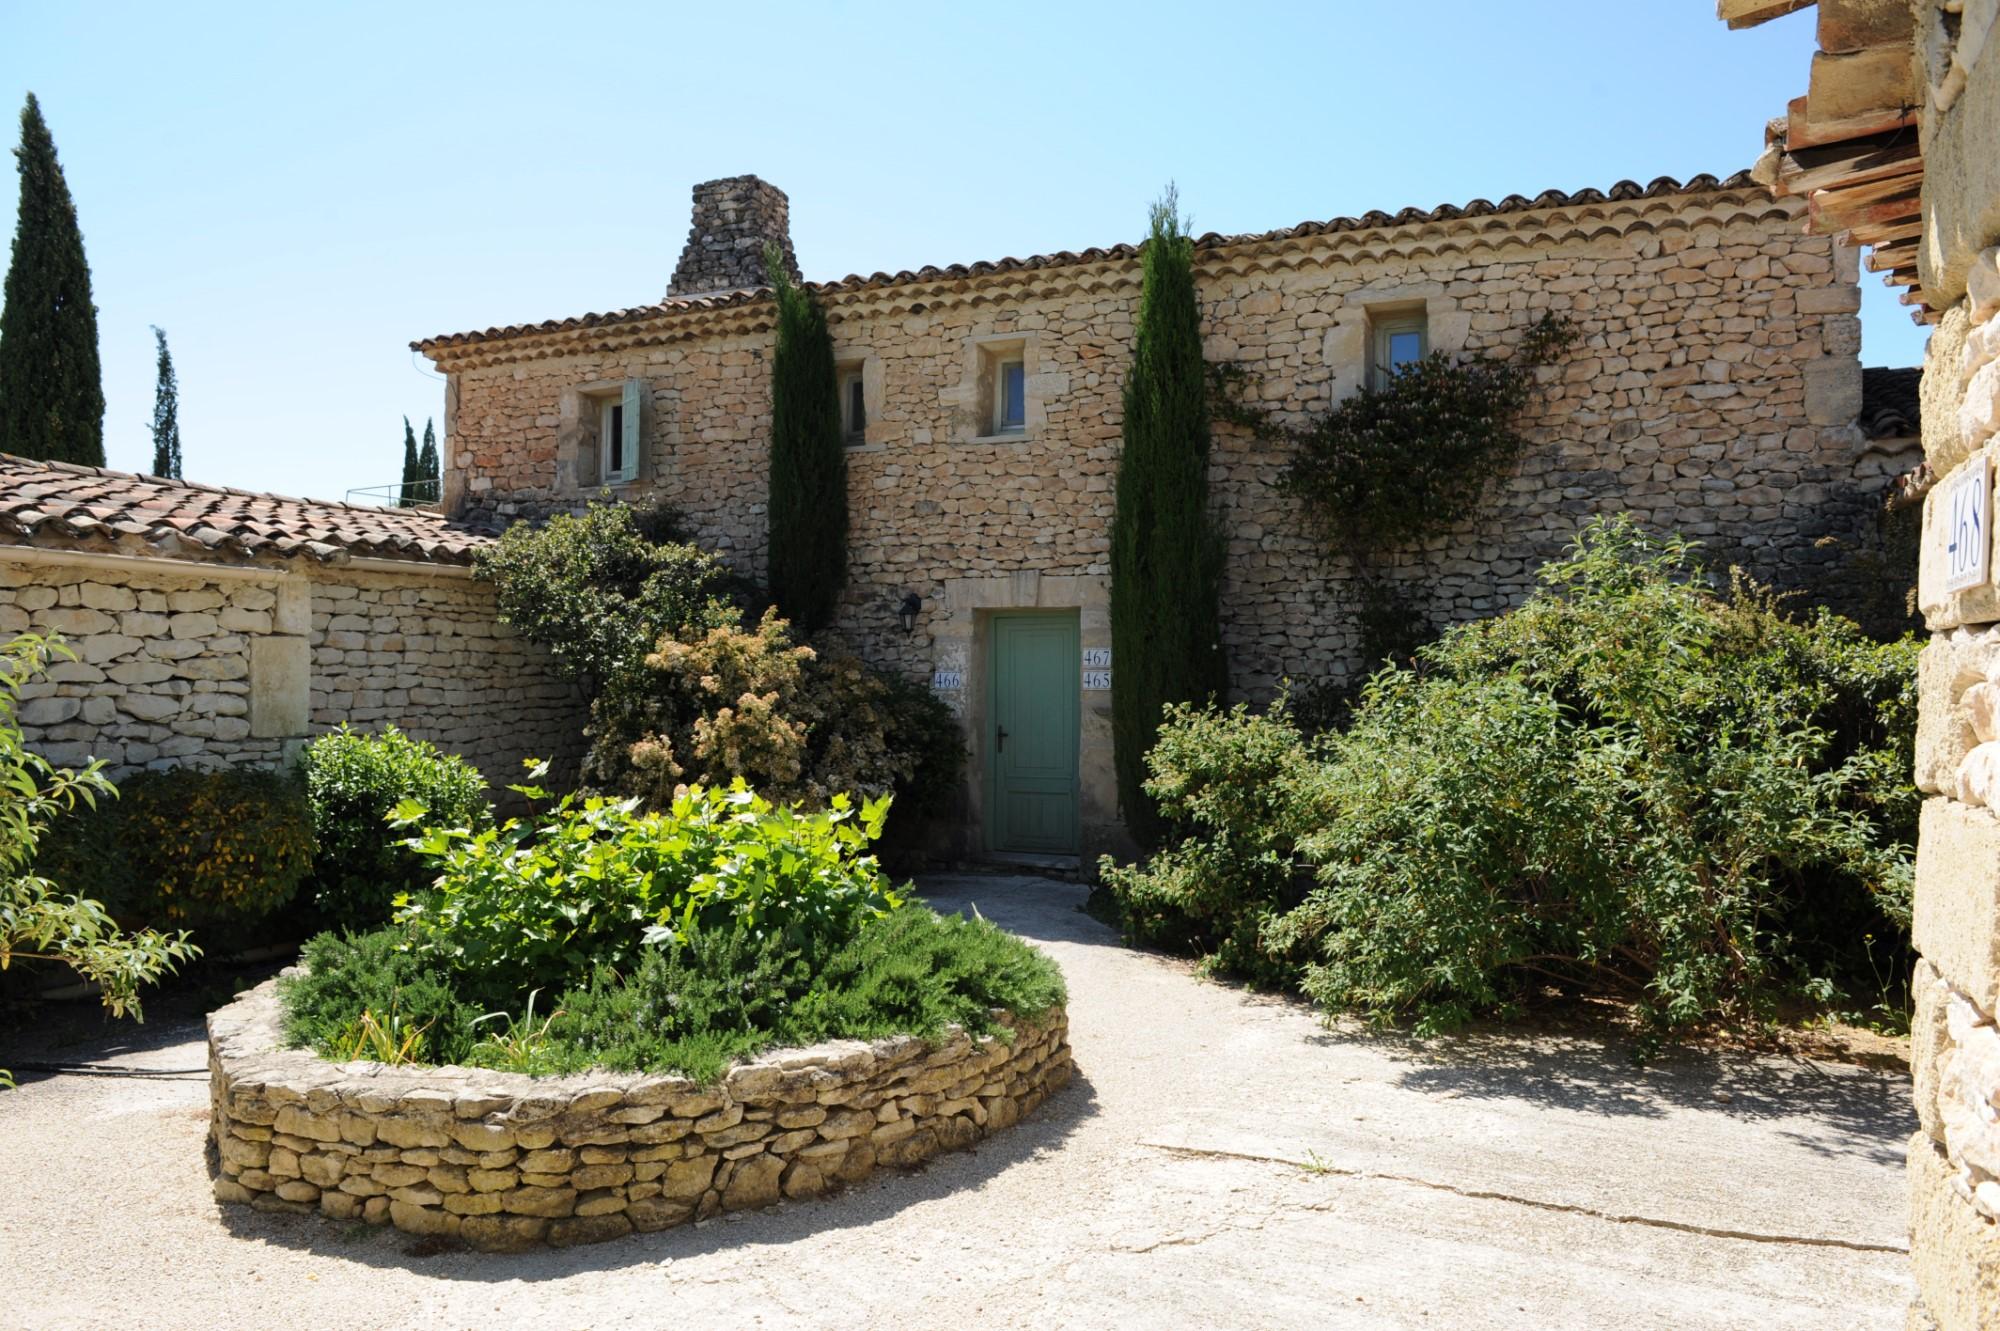 Entre Luberon et Monts de Vaucluse, à vendre, maison en pierres, sur 2700 m² avec vue